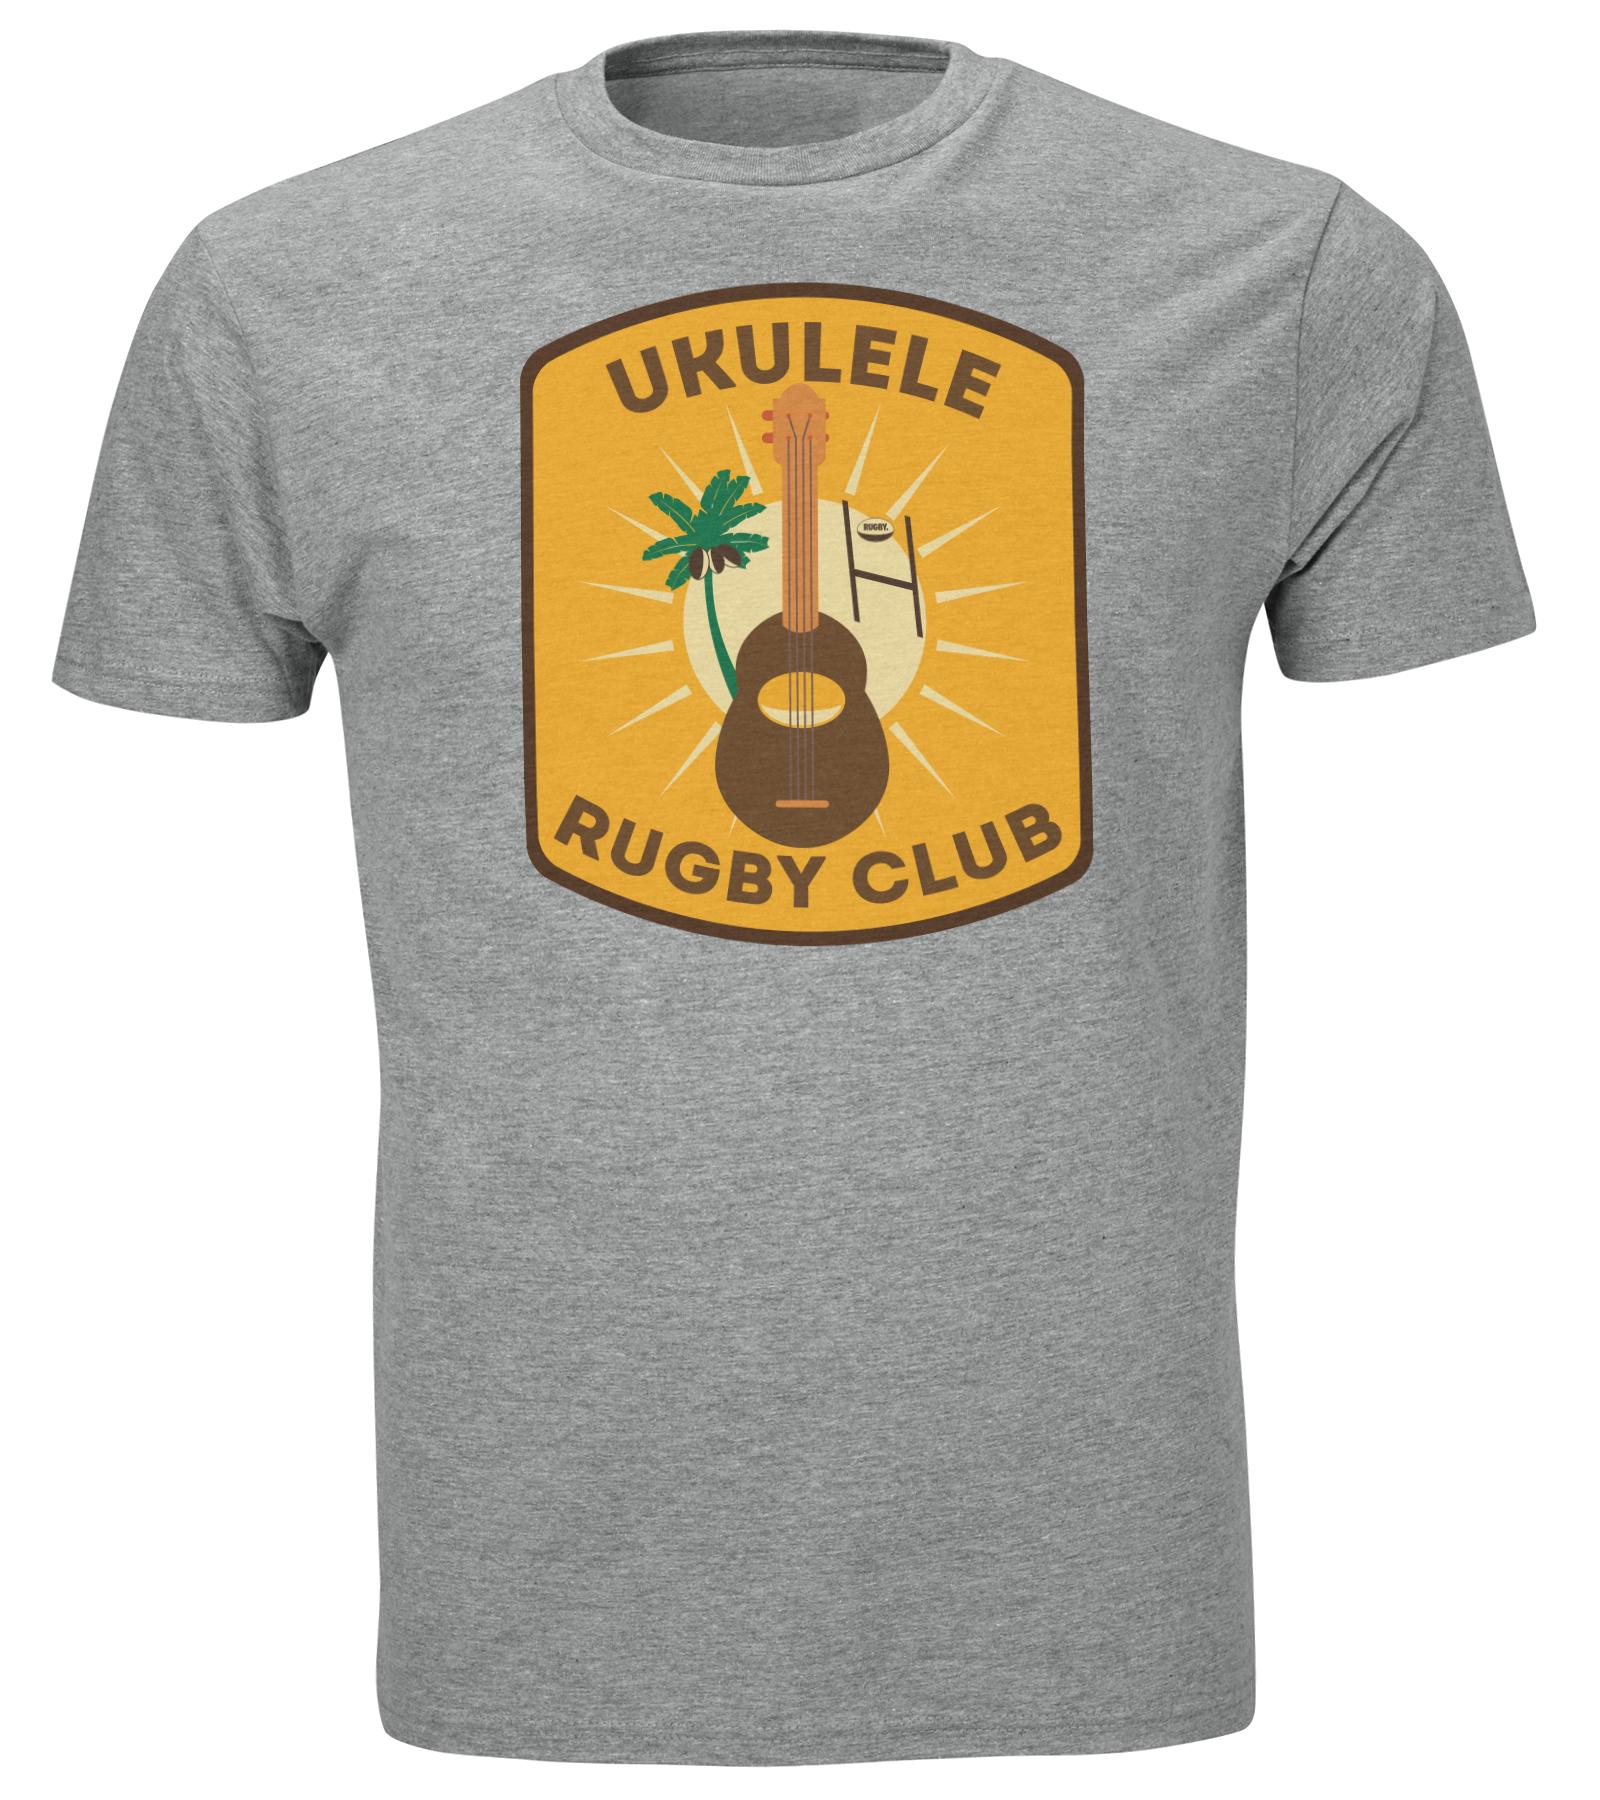 Ukulele Rugby Club